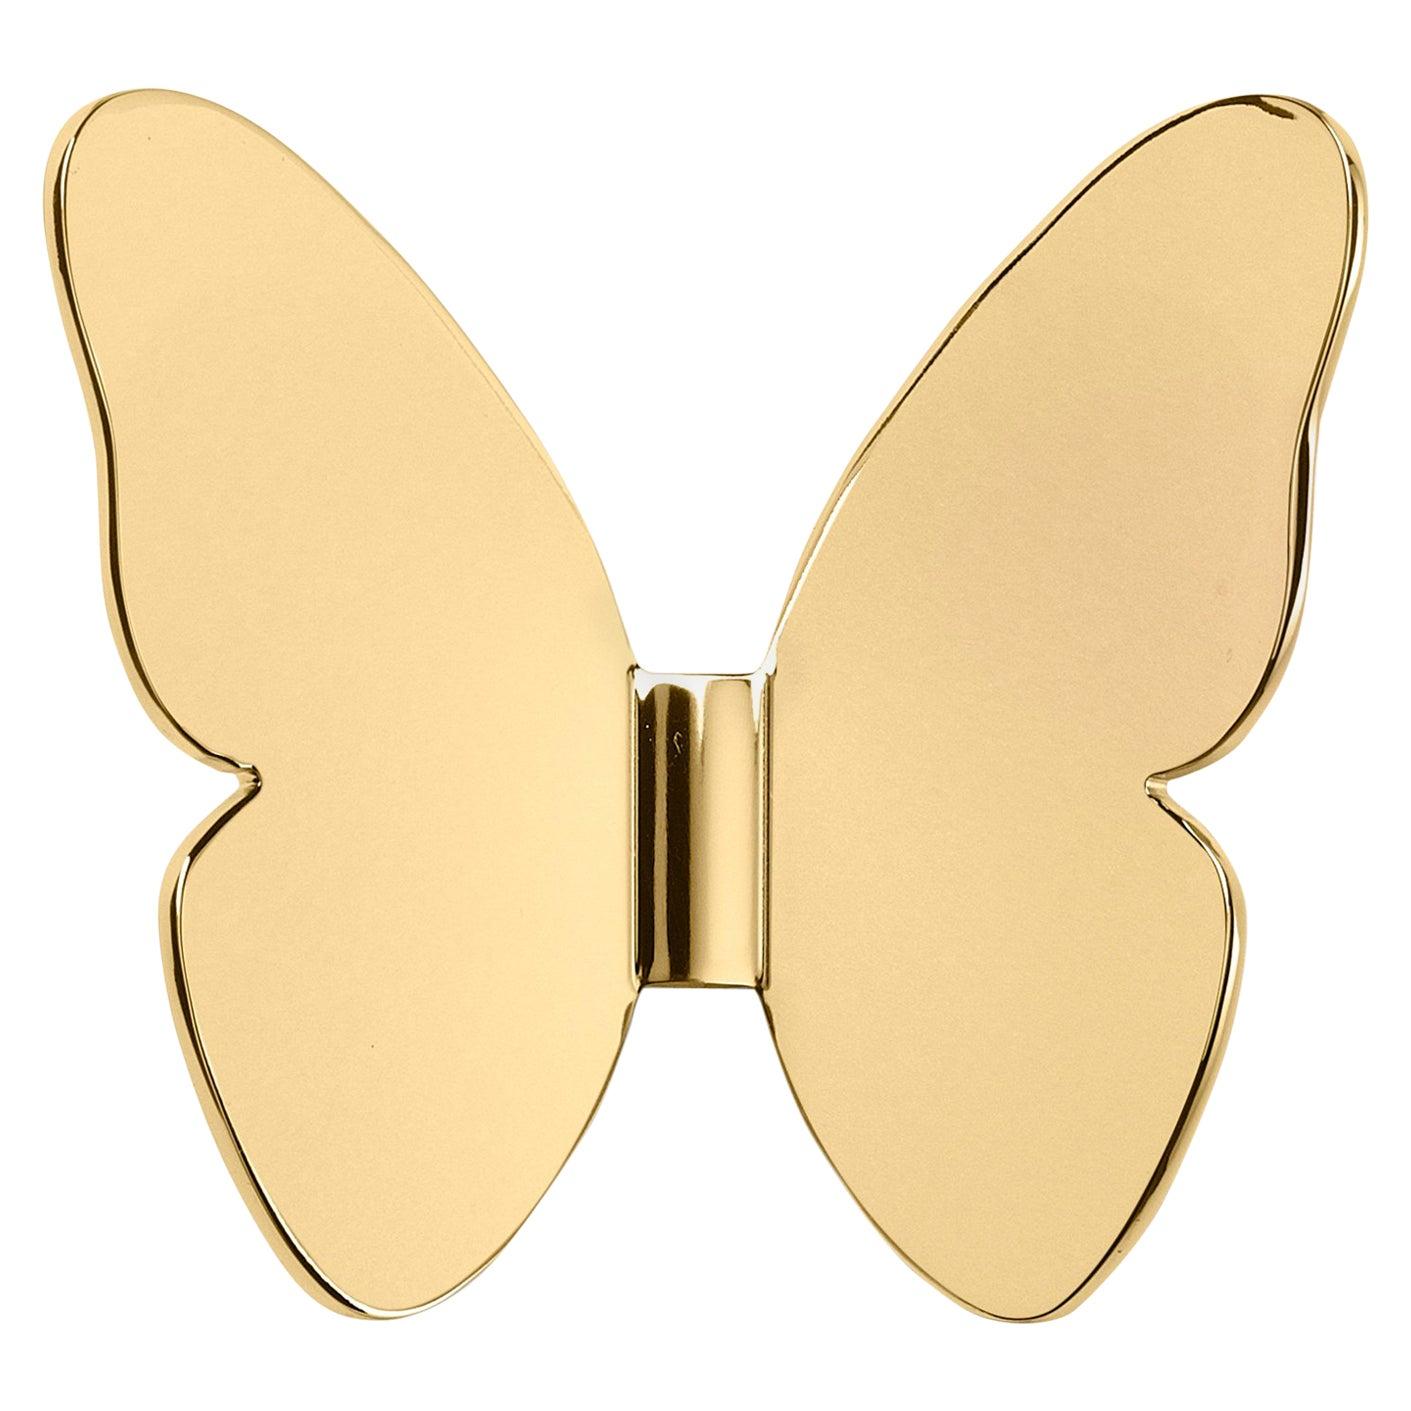 Ghidini 1961 Single Butterfly Coatrack in Gold by Richard Hutten